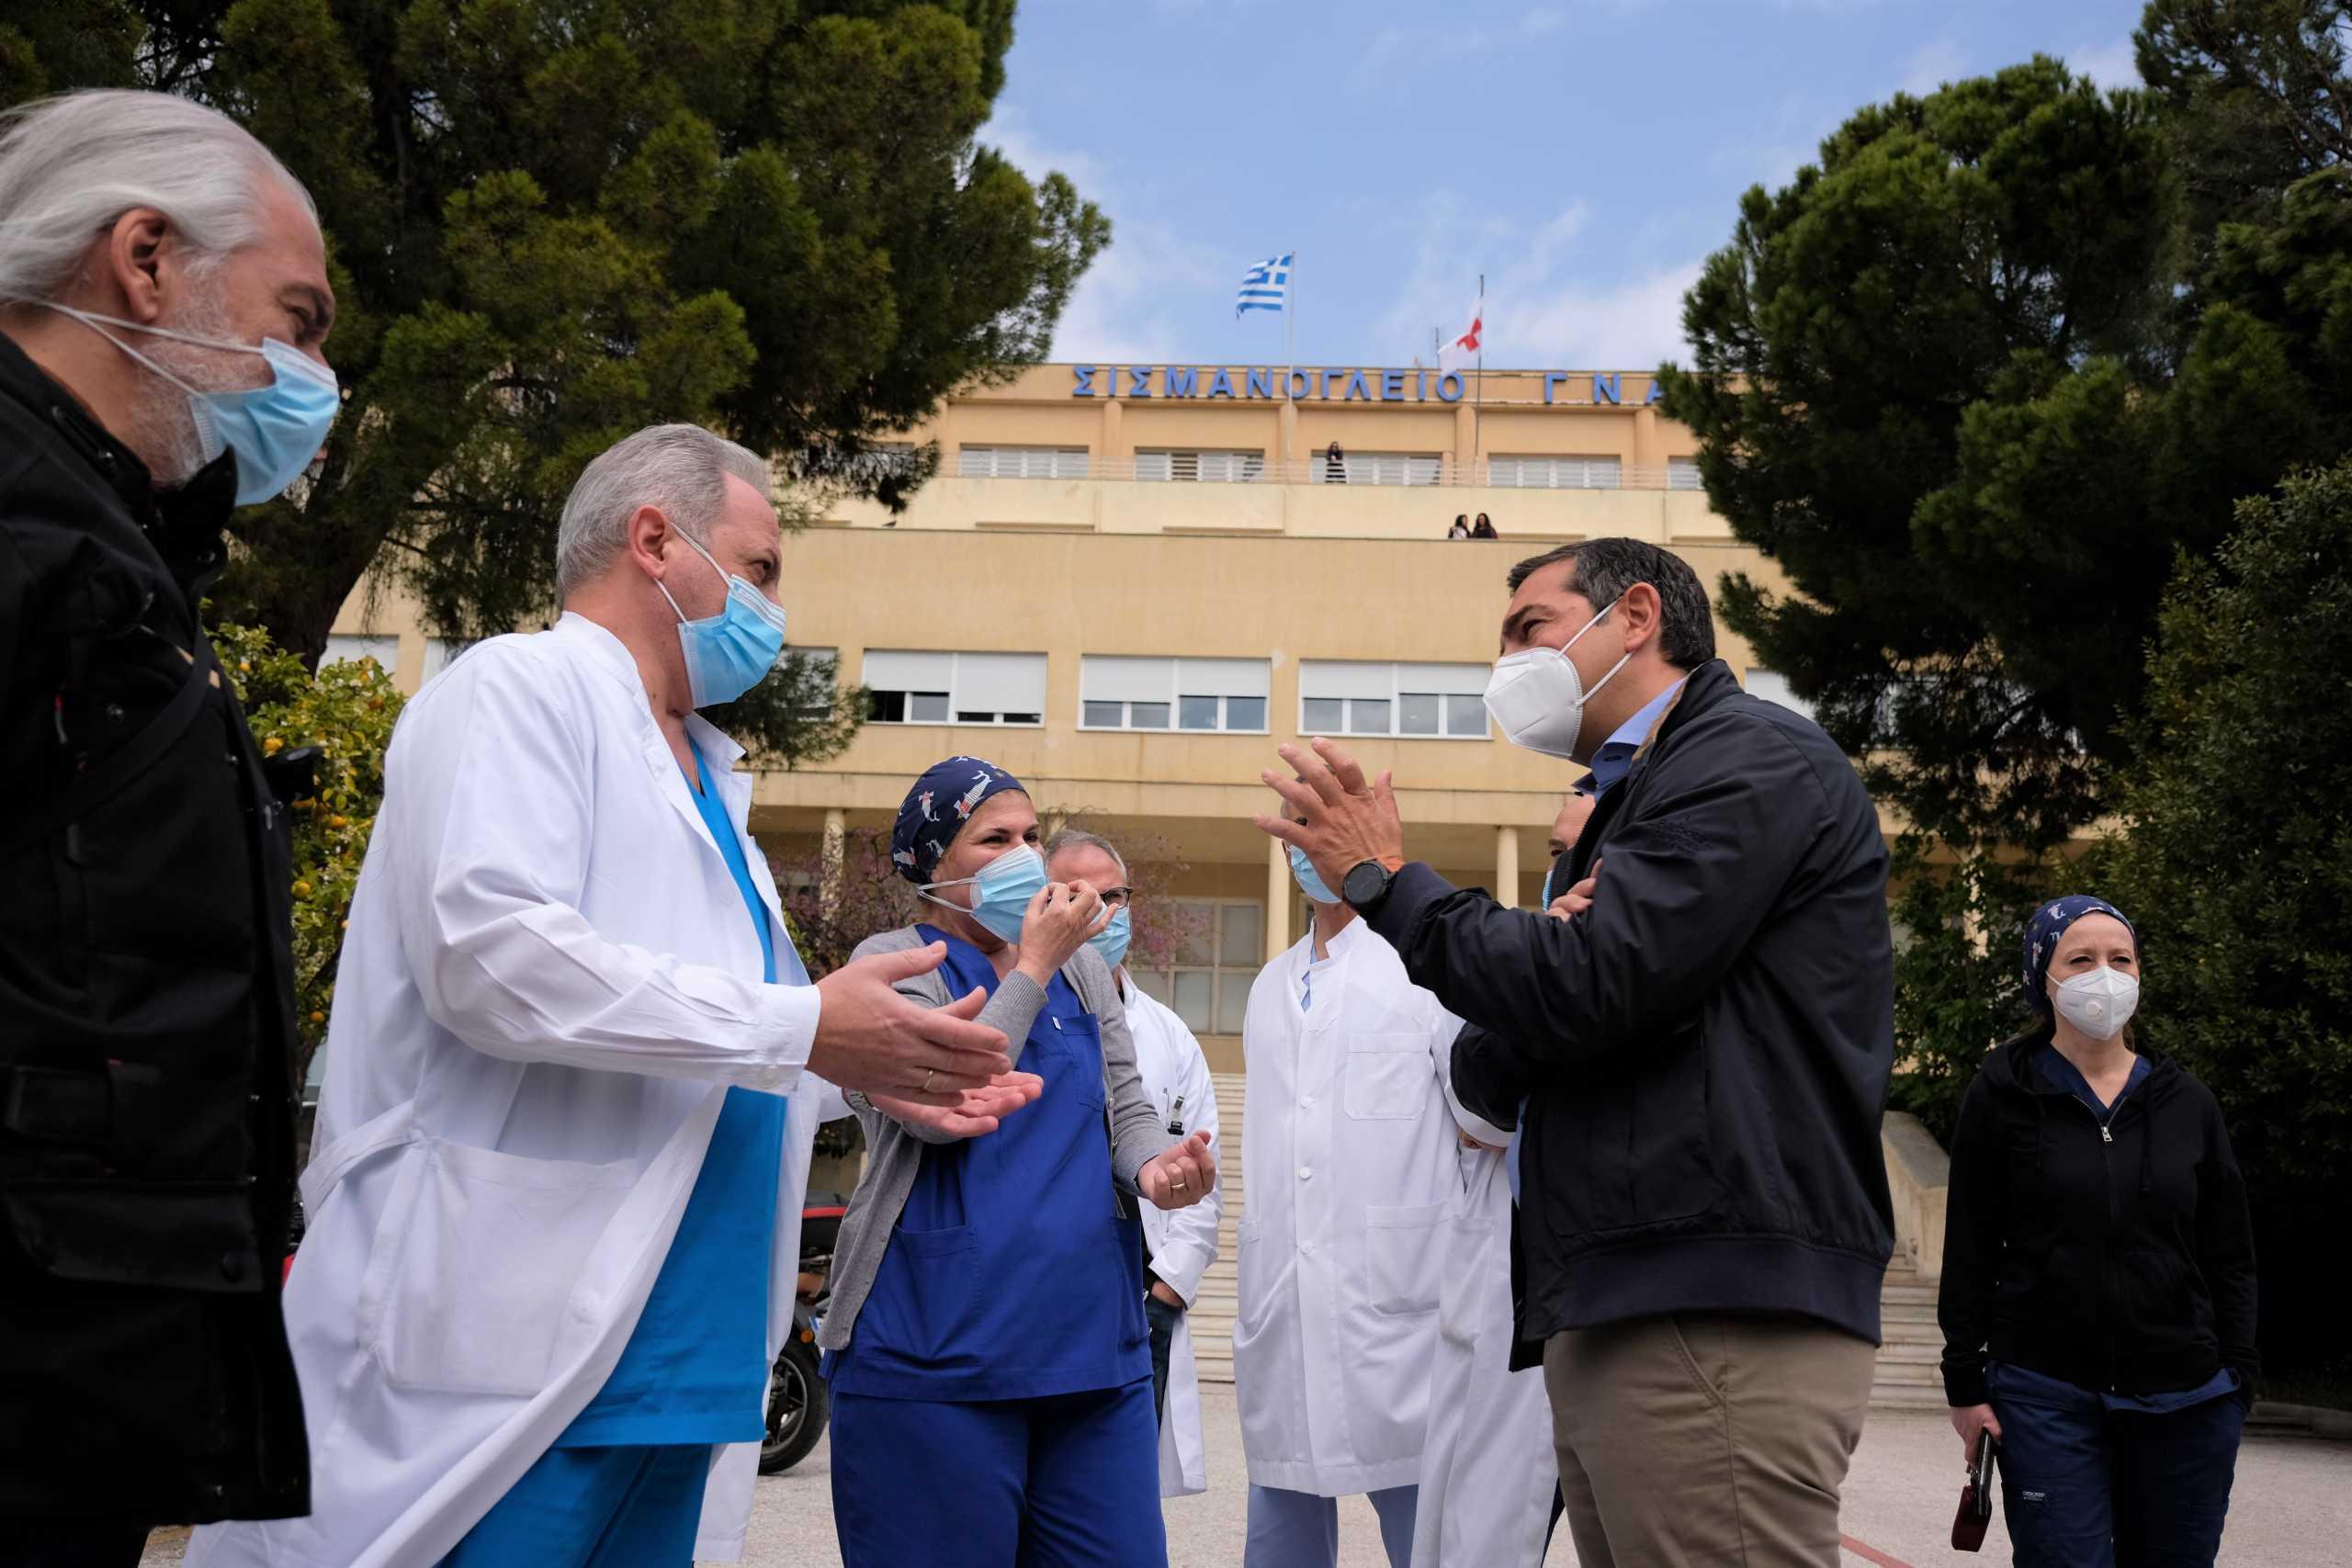 Τσίπρας στο Σισμανόγλειο: Δραματική η κατάσταση στα νοσοκομεία – Βρισκόμαστε στην κορύφωση του δράματος